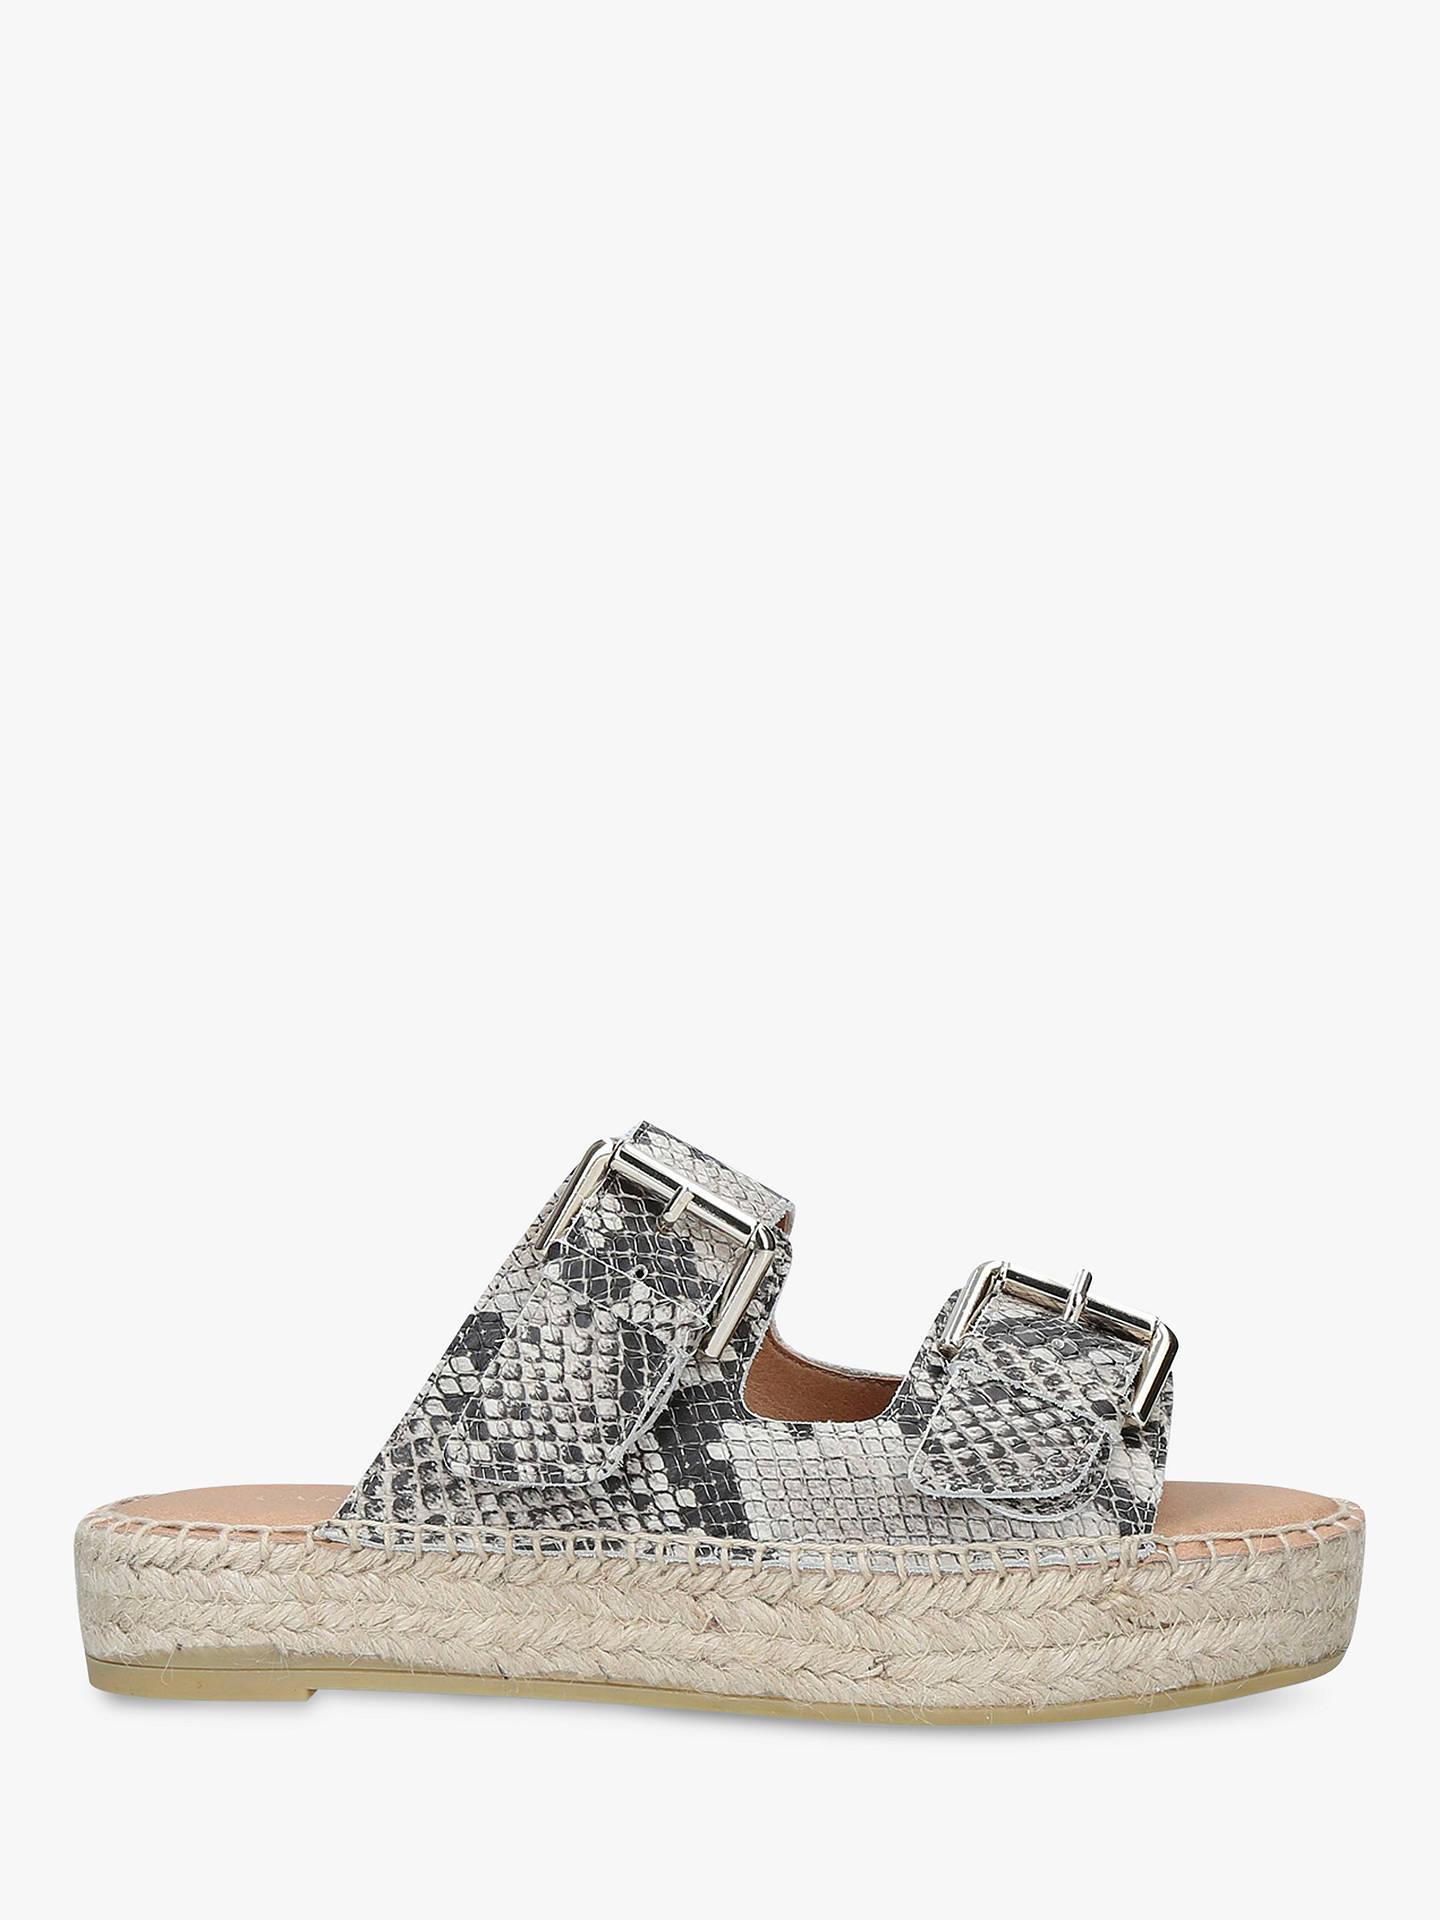 93936aca37 Buy Carvela Klever Leather Slip On Sandals, Beige, 3 Online at  johnlewis.com ...